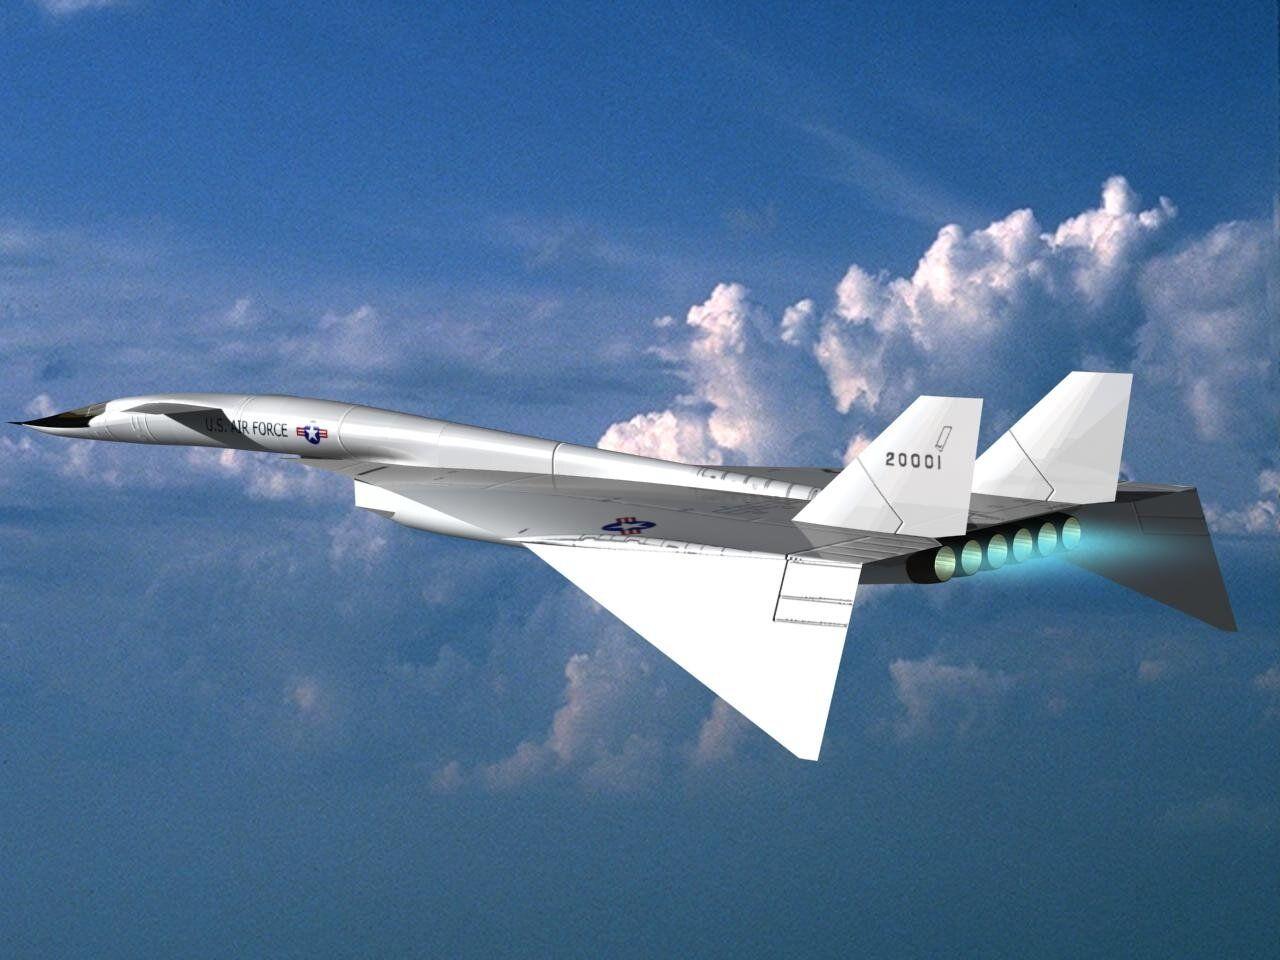 XB-70 Valkyrie | Armée de l'air, Avions de chasse, Avion de chasse